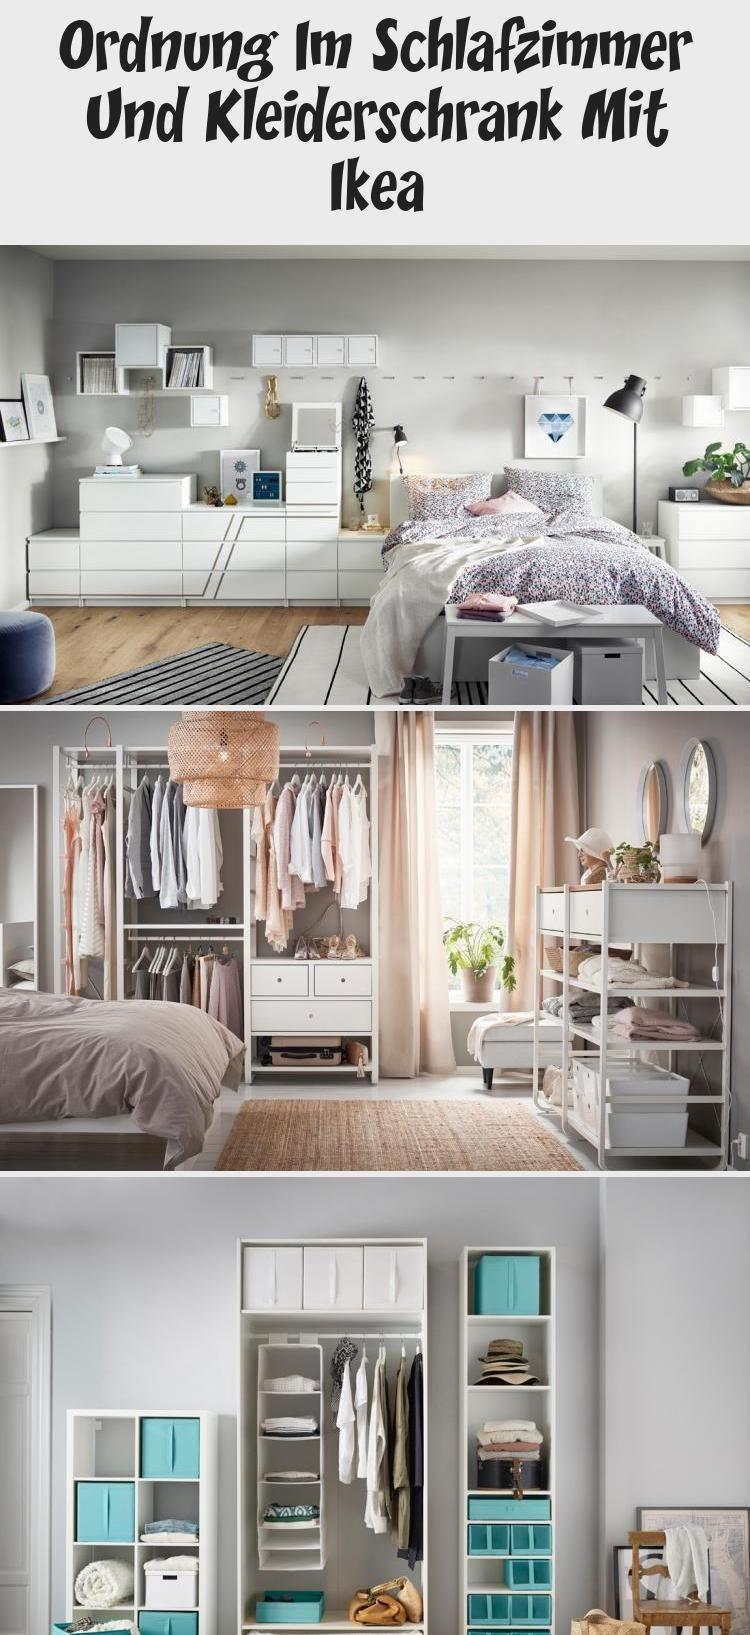 Ordnung Im Kleiderschrank C Inter Ikea Systems B V 2017